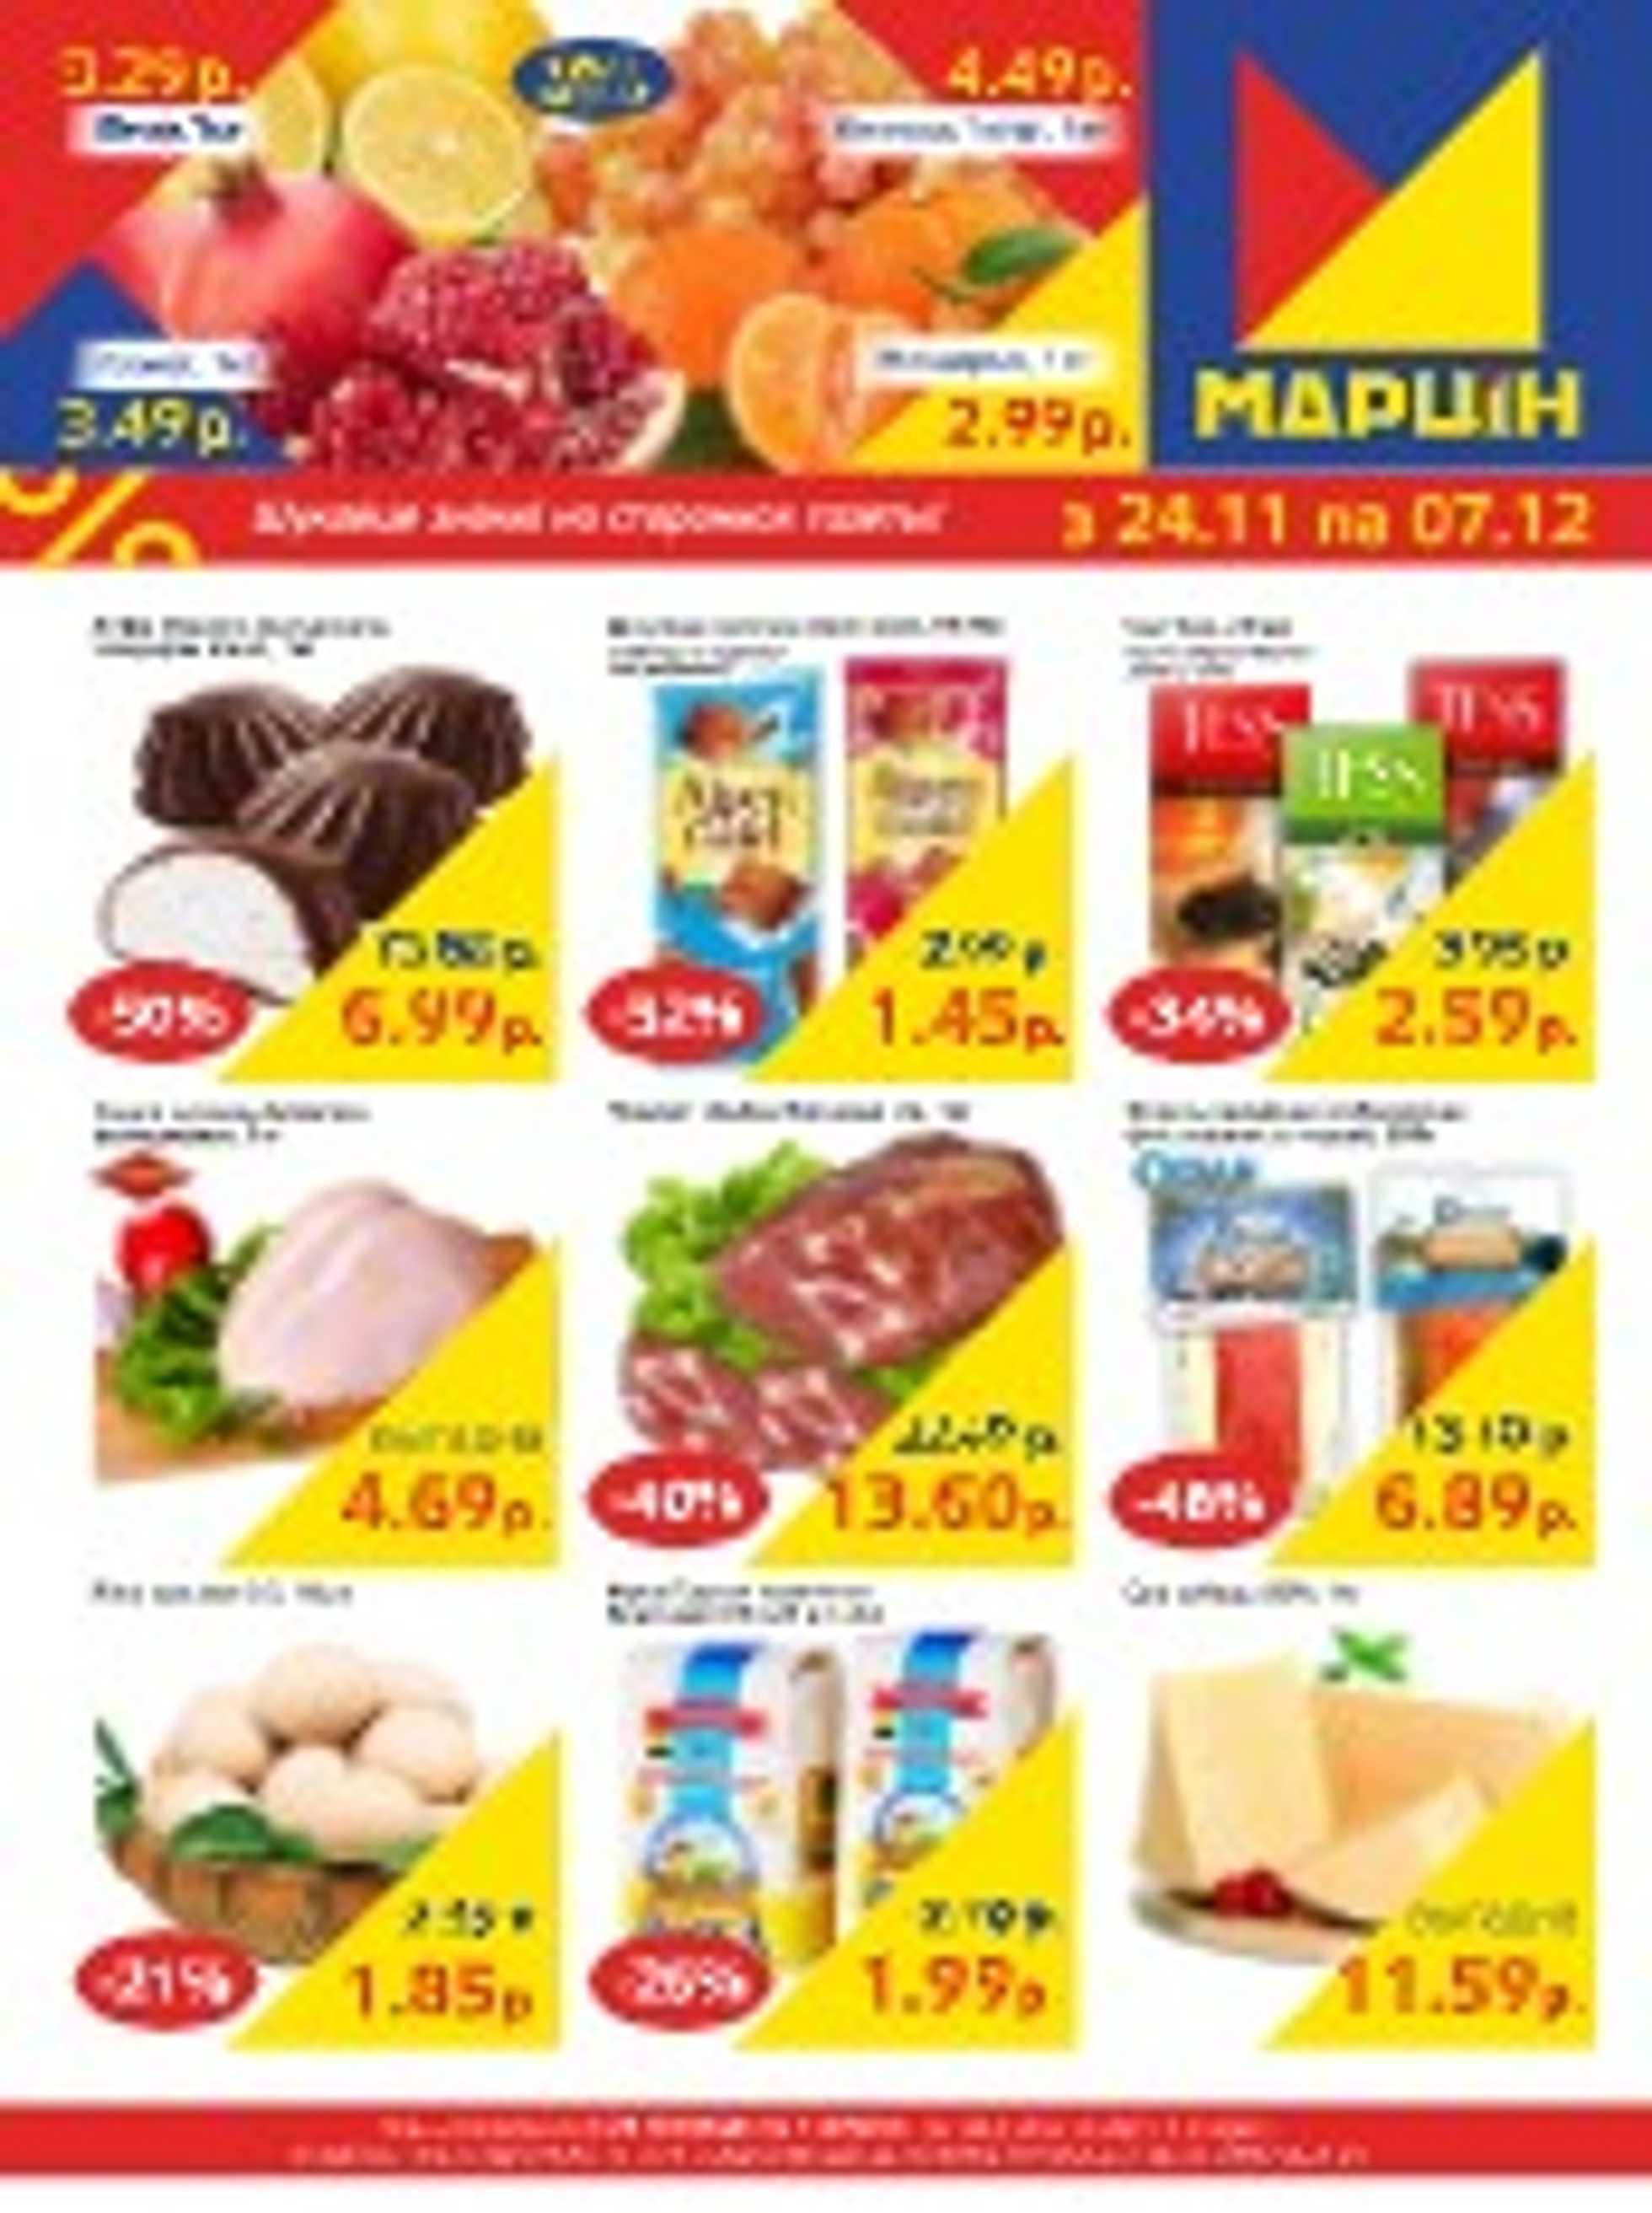 Мартин Беларусь - каталог действителен с 24.11.2020 по 07.12.2020 - страница 1.